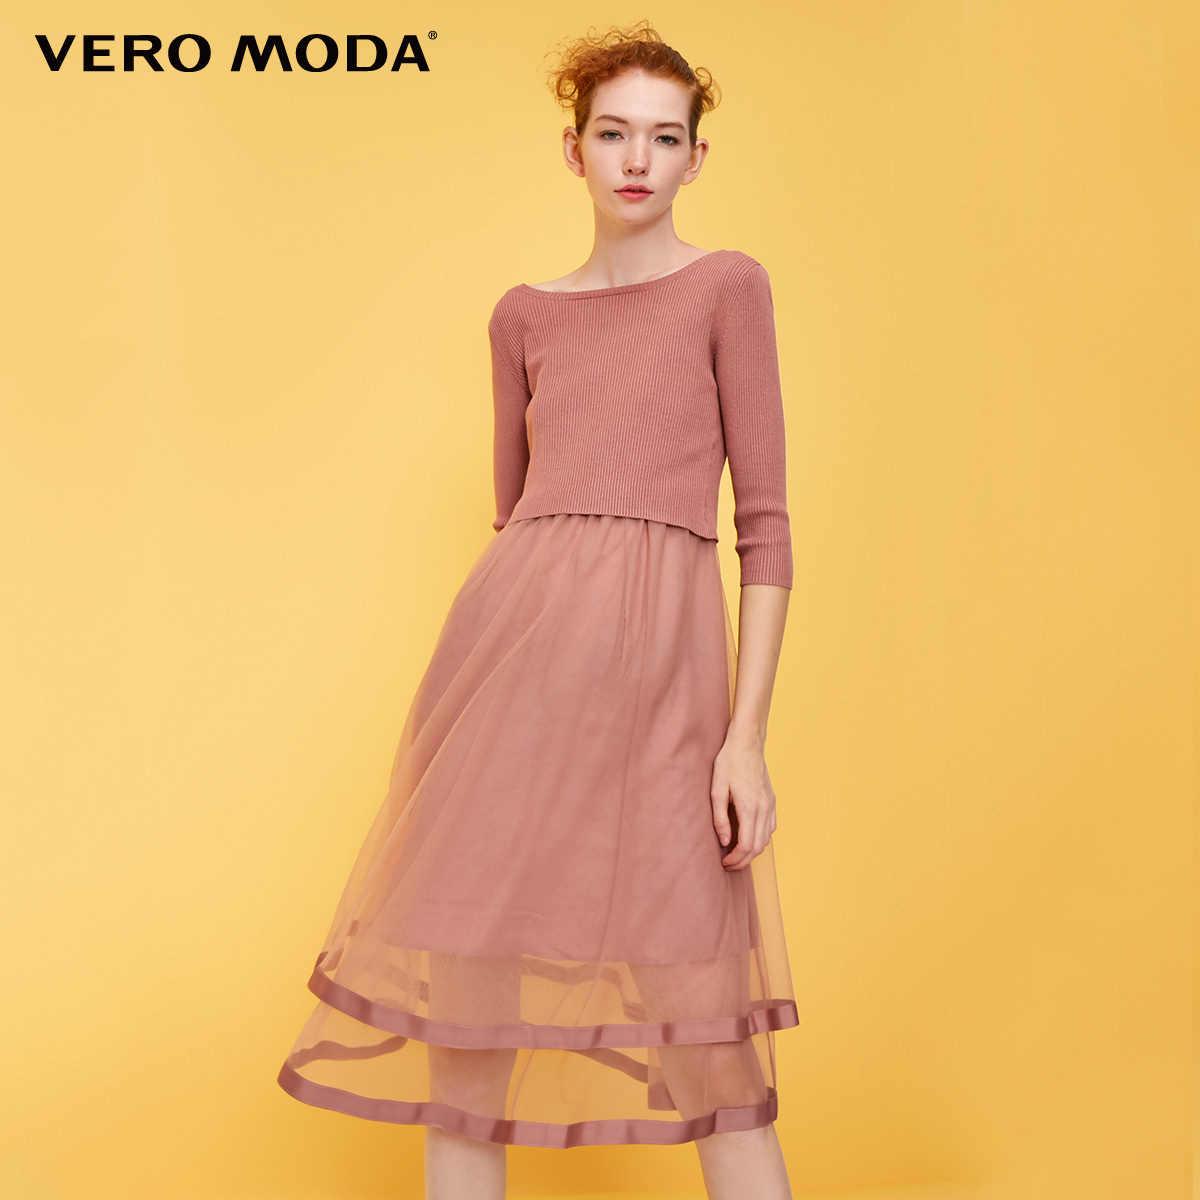 Vero Moda винтажные вязаные вечерние платья с сеткой | 31837C523